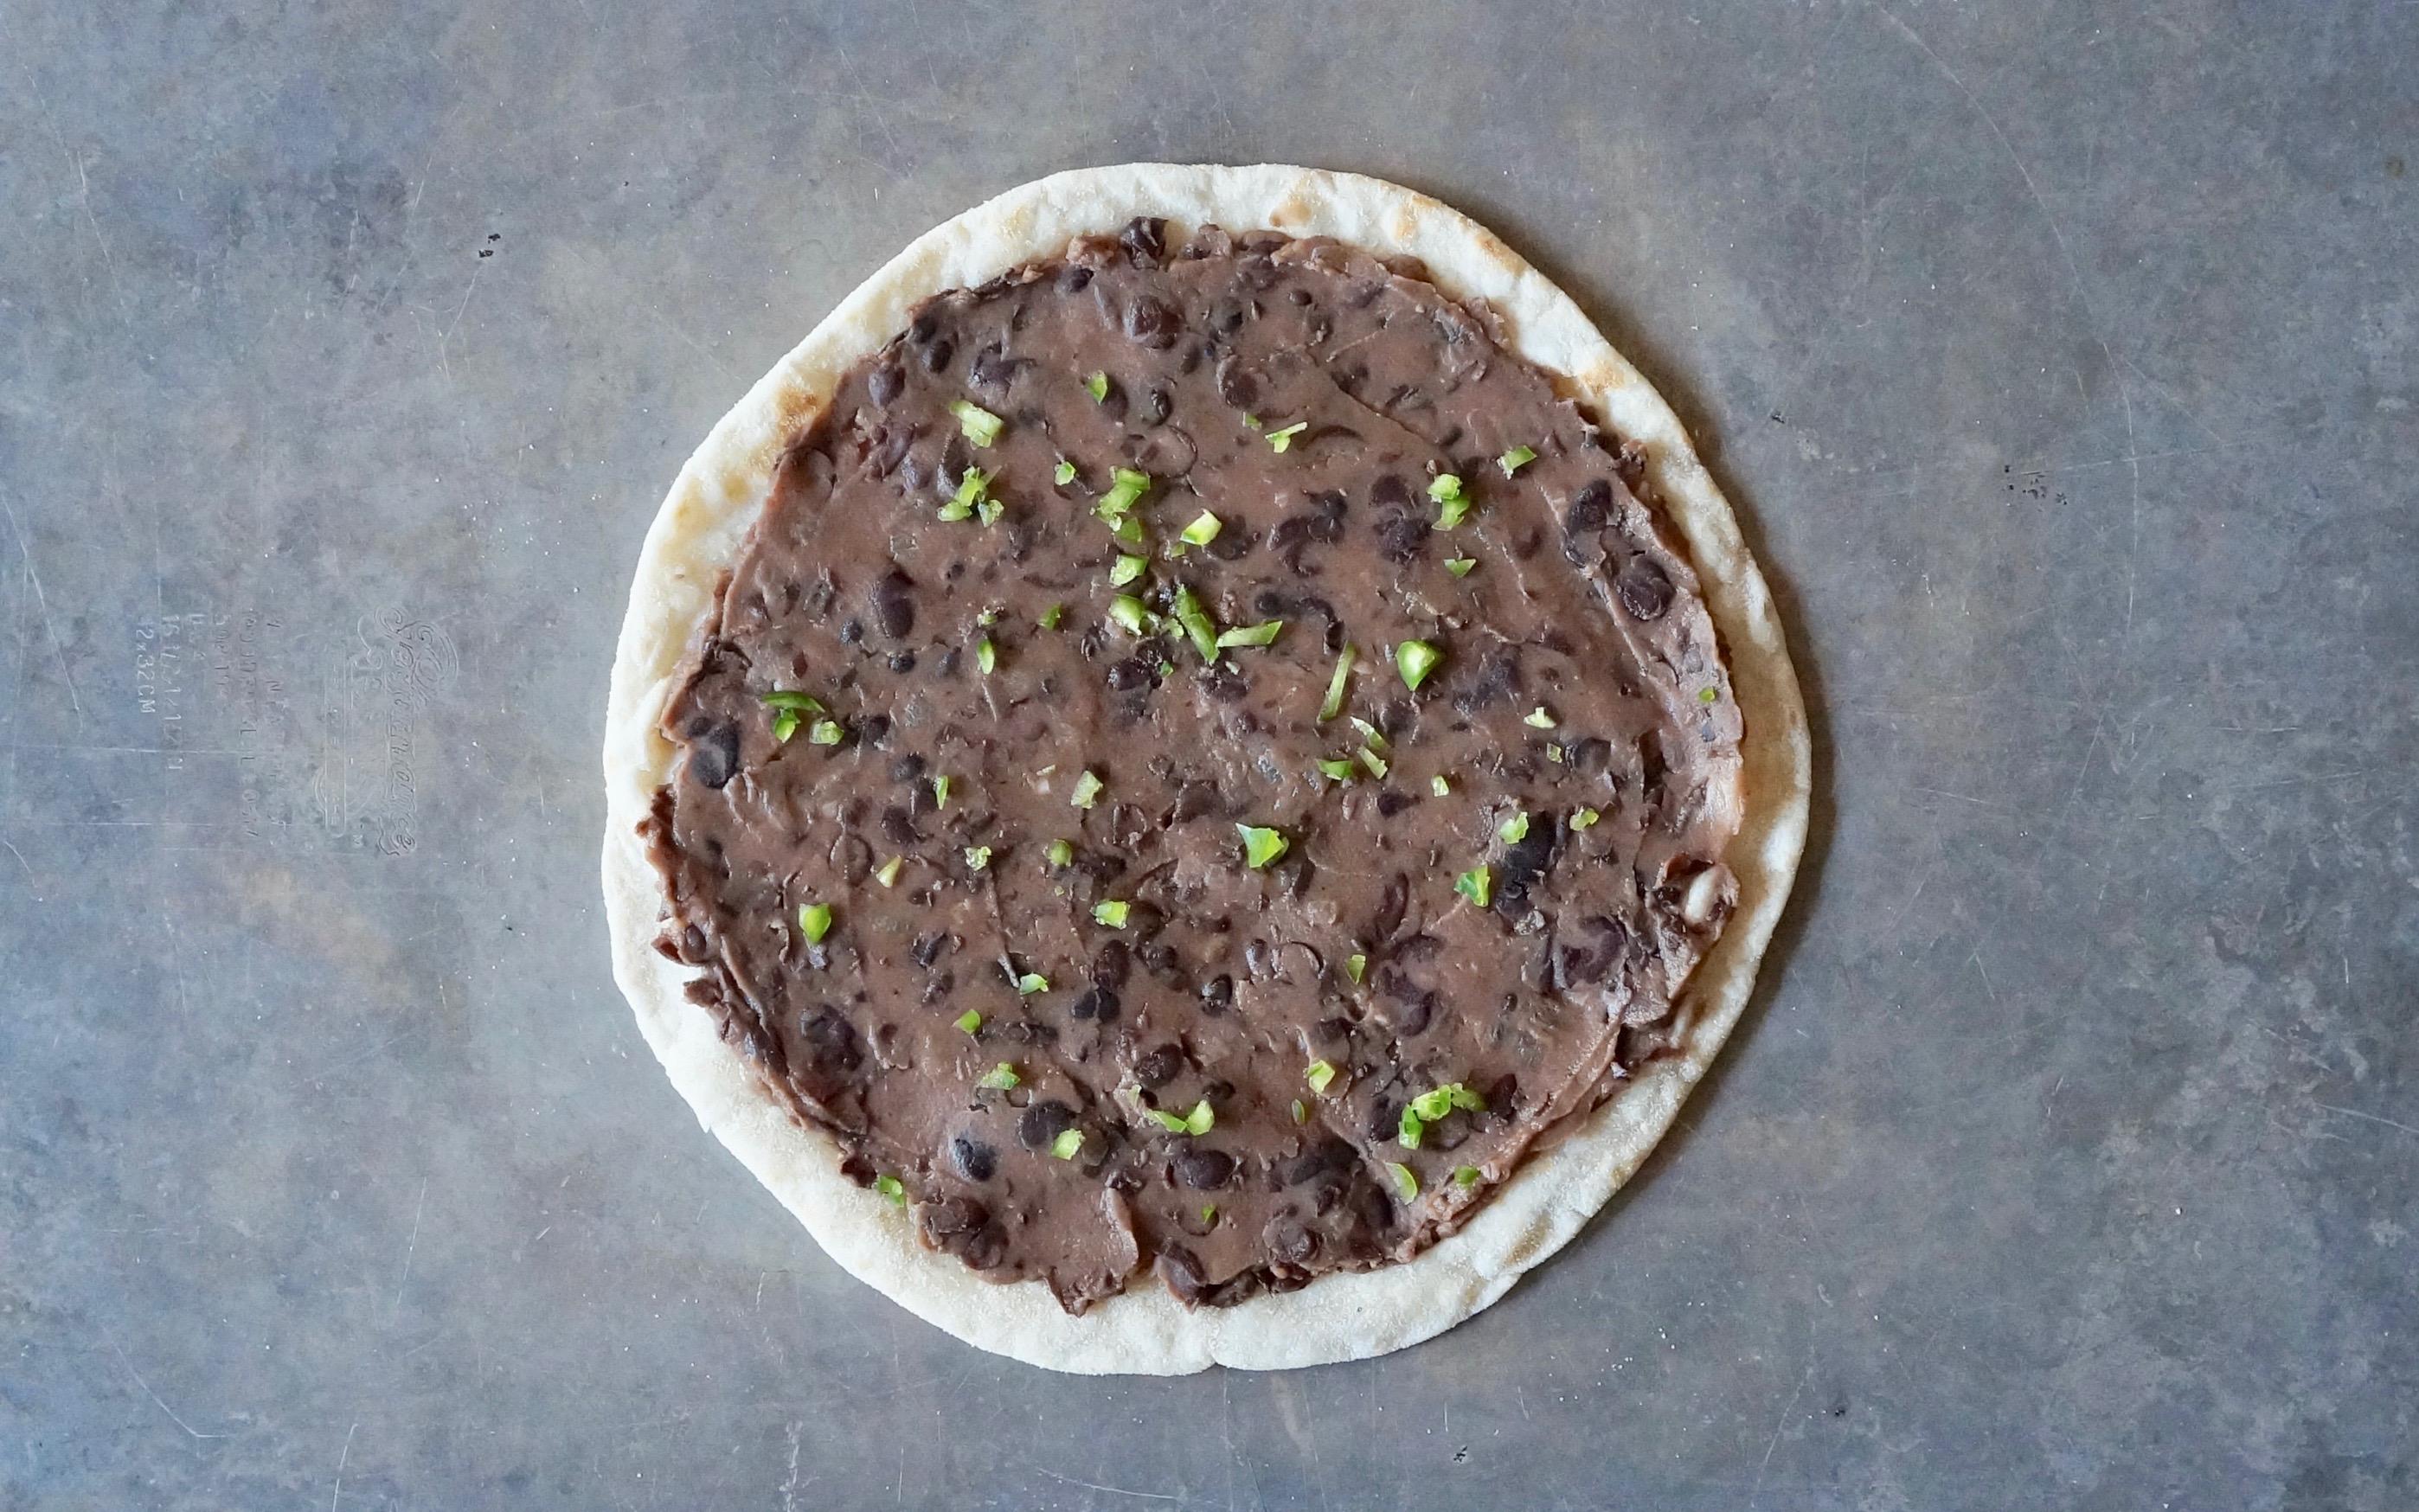 How-Do-You-Make-A-Quesadilla-Black-Bean-Poblano-Quesadillas-Rebecca-Gordon-Editor-In-Chief-Buttermilk-Lipstick-Cooking-Class-RebeccaGordon-Southern-Entertaining-Pastry-Chef-Birmingham-Alabama